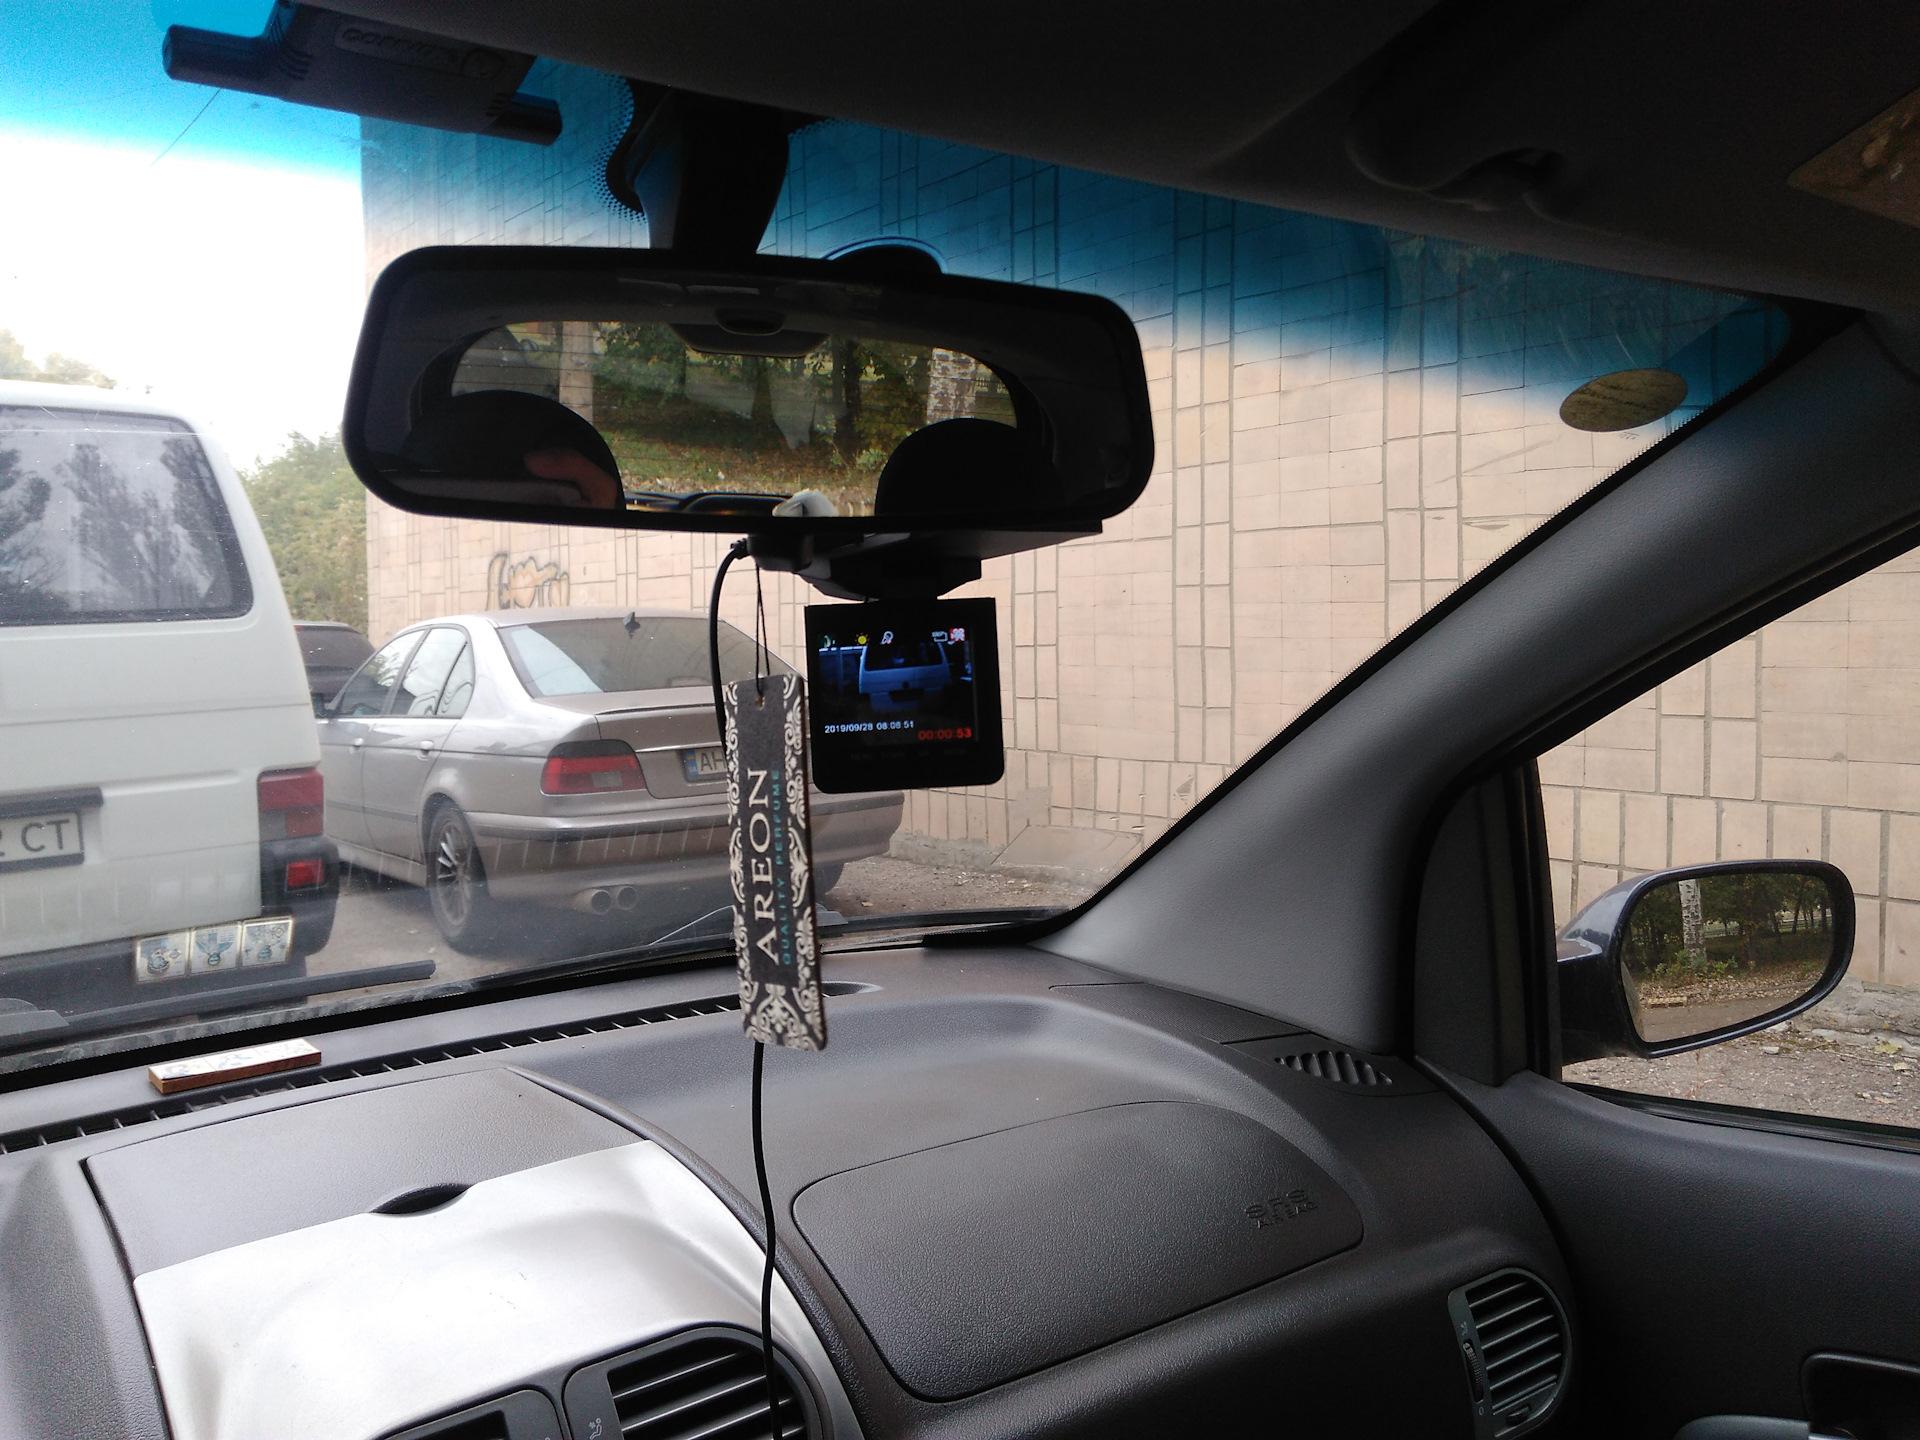 Как закрепить регистратор в авто купить видеорегистратор каркам автомобильный в спб